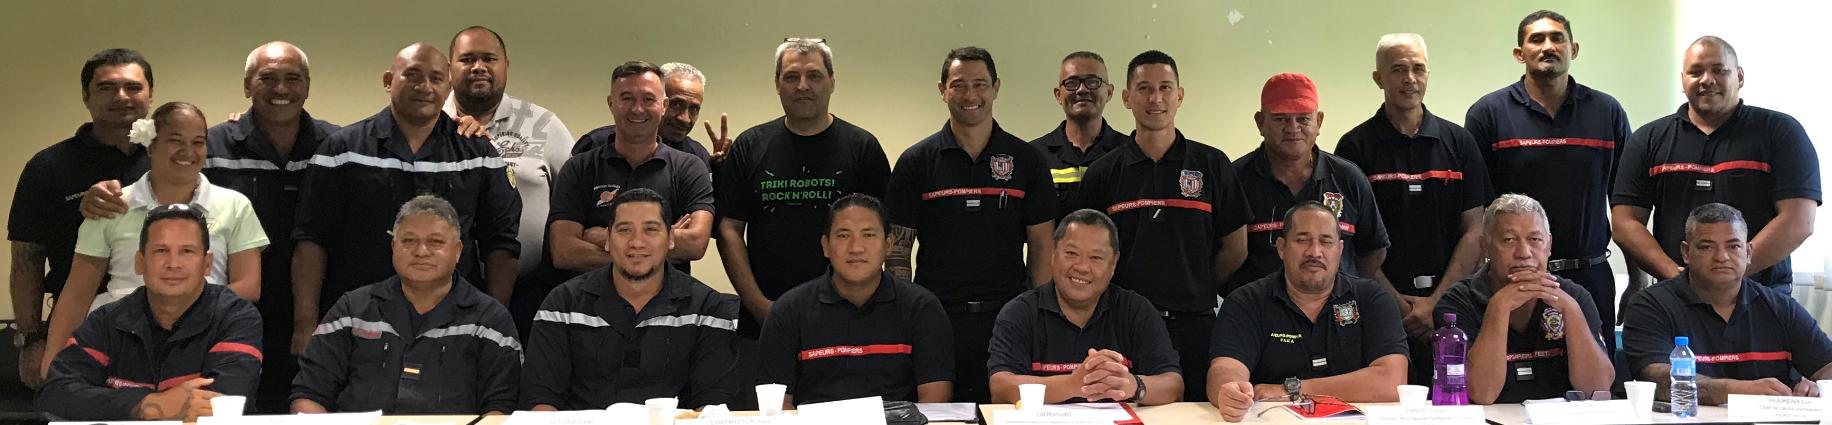 Les 24 chefs de corps de Polynésie sont désormais associés à la plate-forme de formation en ligne Enasis, créée et animée par les pompiers d'une cinquantaine de départements métropolitains.